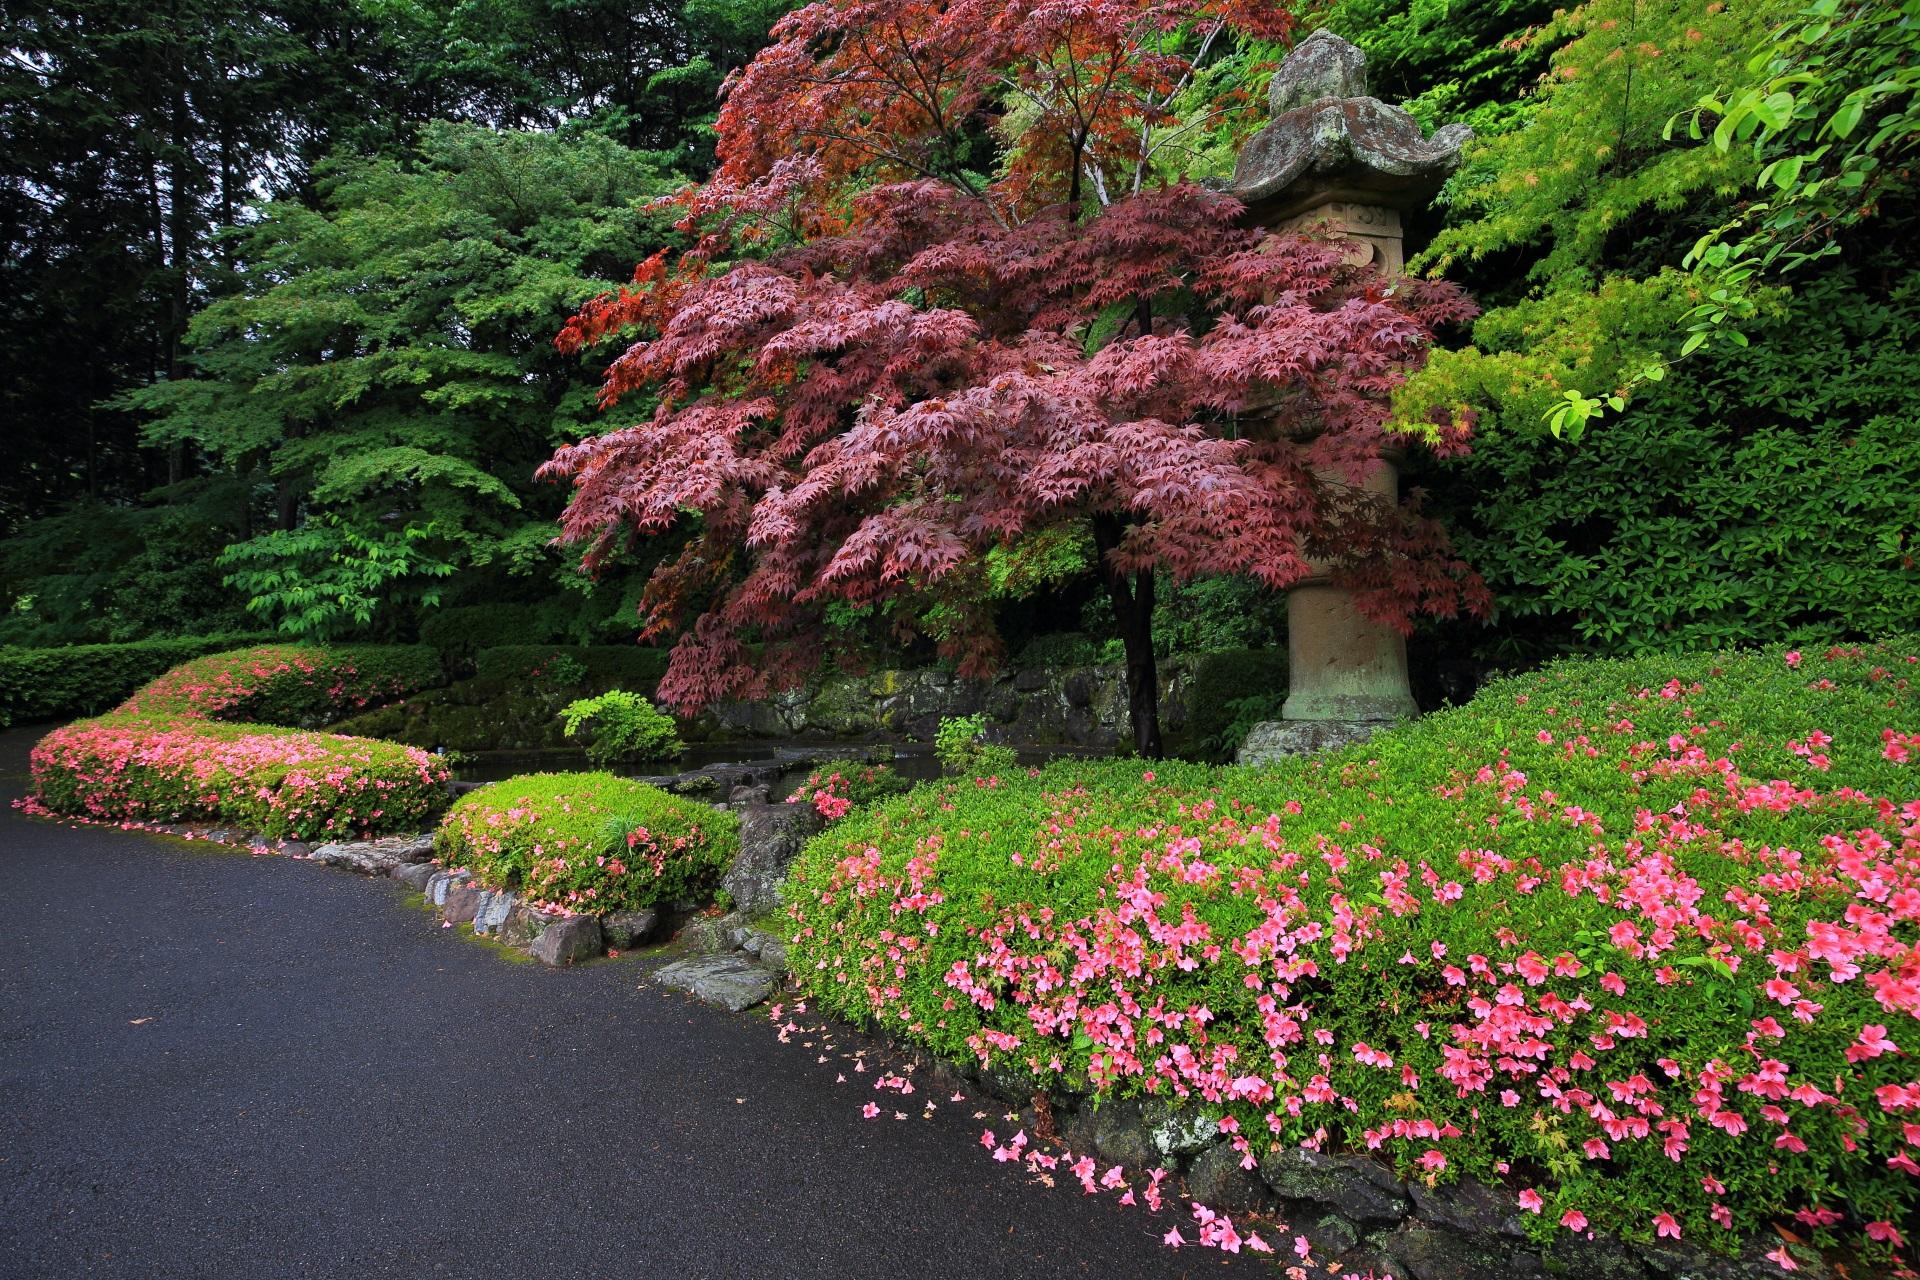 善峯寺の青蓮の滝のサツキと新緑